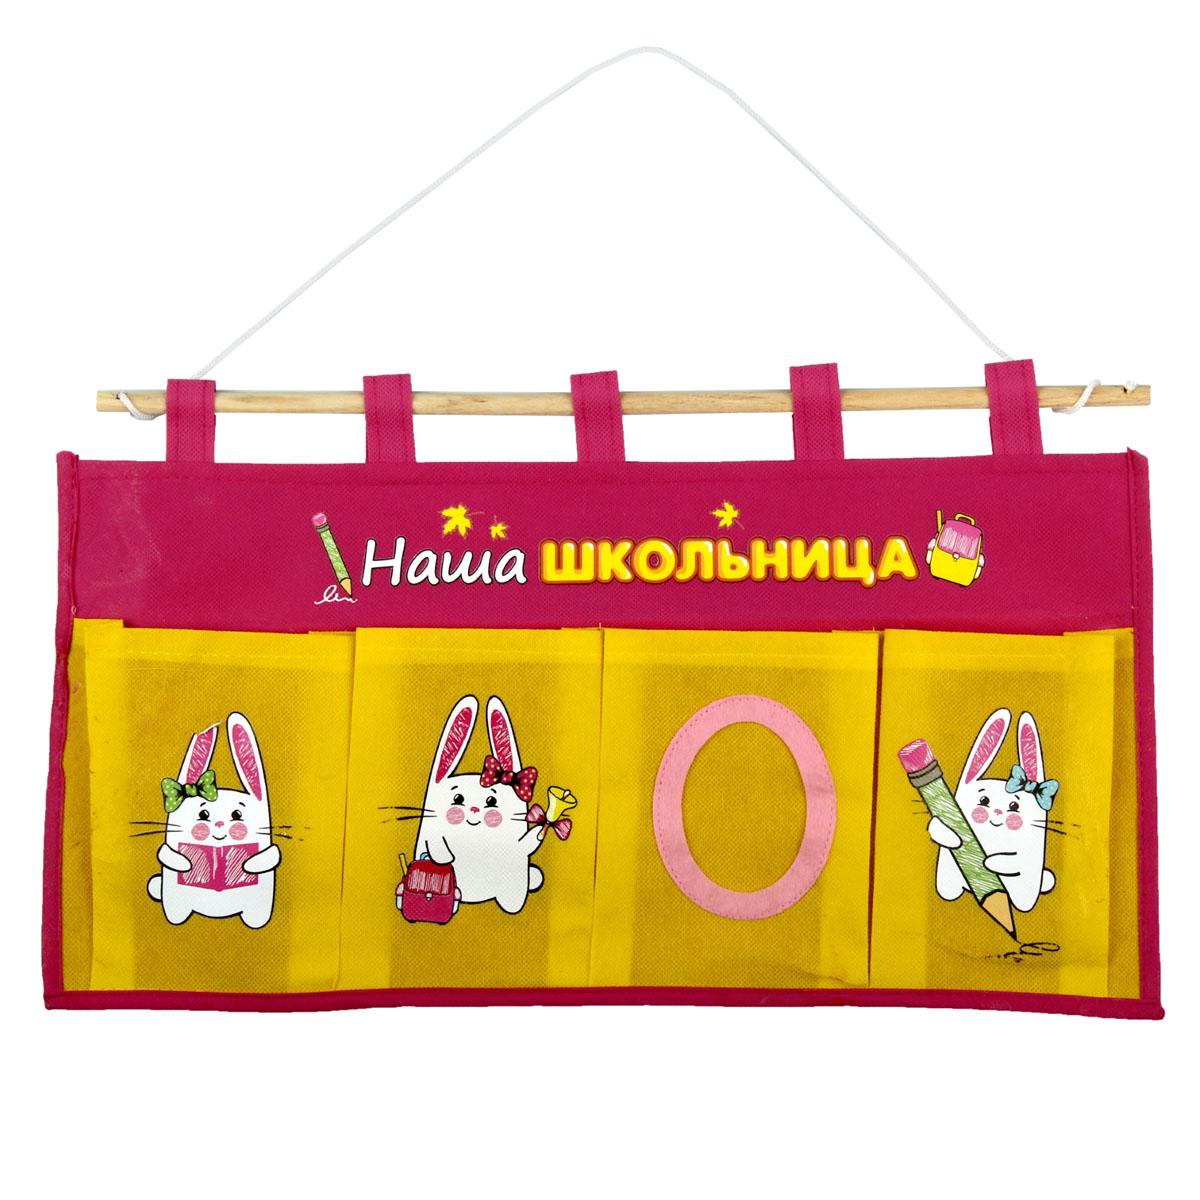 Кармашки на стену Sima-land Наша школьница, цвет: бордовый, желтый, белый, 4 шт842450Кармашки на стену Sima-land «Наша школьница», изготовленные из текстиля, предназначены для хранения необходимых вещей, множества мелочей в гардеробной, ванной, детской комнатах. Изделие представляет собой текстильное полотно с четырьмя пришитыми кармашками. Благодаря деревянной планке и шнурку, кармашки можно подвесить на стену или дверь в необходимом для вас месте. Кармашки декорированы изображениями трех забавных зайцев и надписью «Наша школьница». Этот нужный предмет может стать одновременно и декоративным элементом комнаты. Яркий дизайн, как ничто иное, способен оживить интерьер вашего дома.